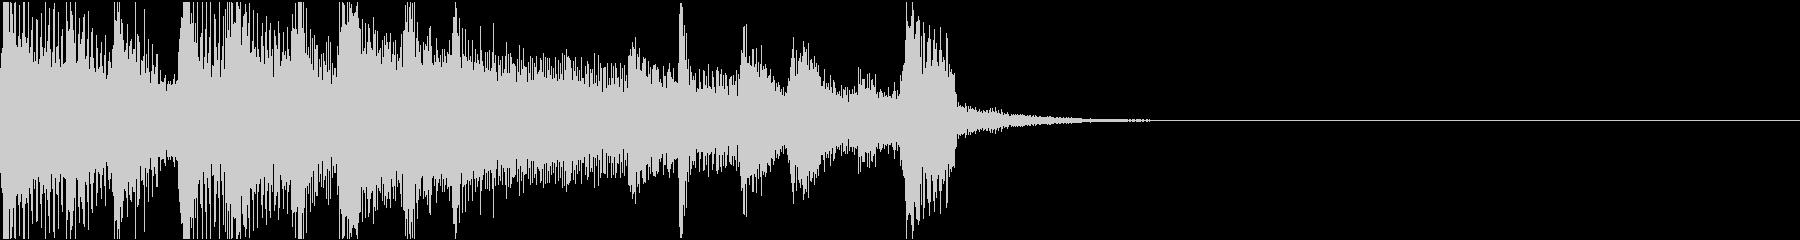 ゆったりあたたかいコミカル/サウンドロゴの未再生の波形